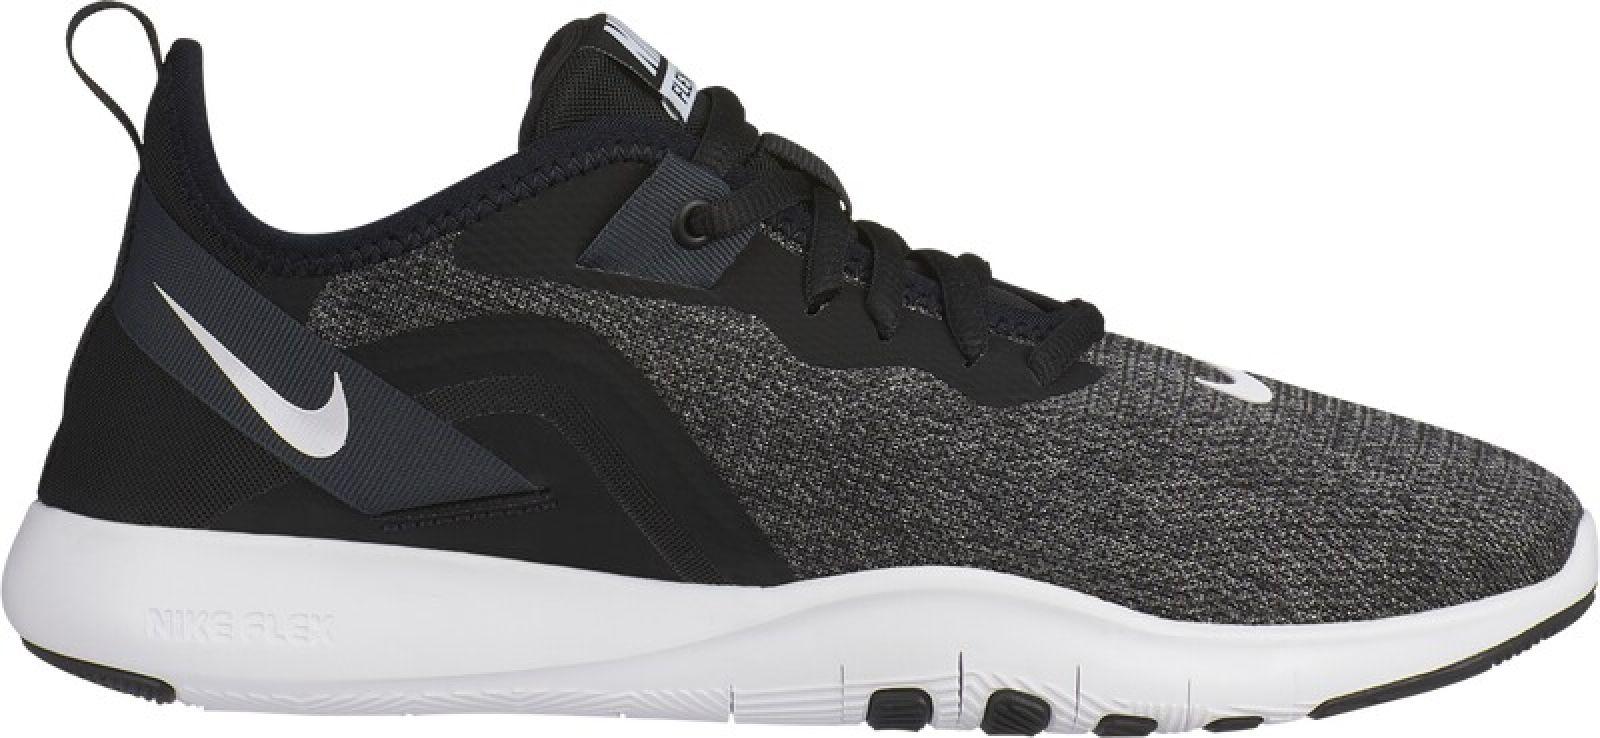 Schwarze Nike Fitness & Training Schuhe für Damen online